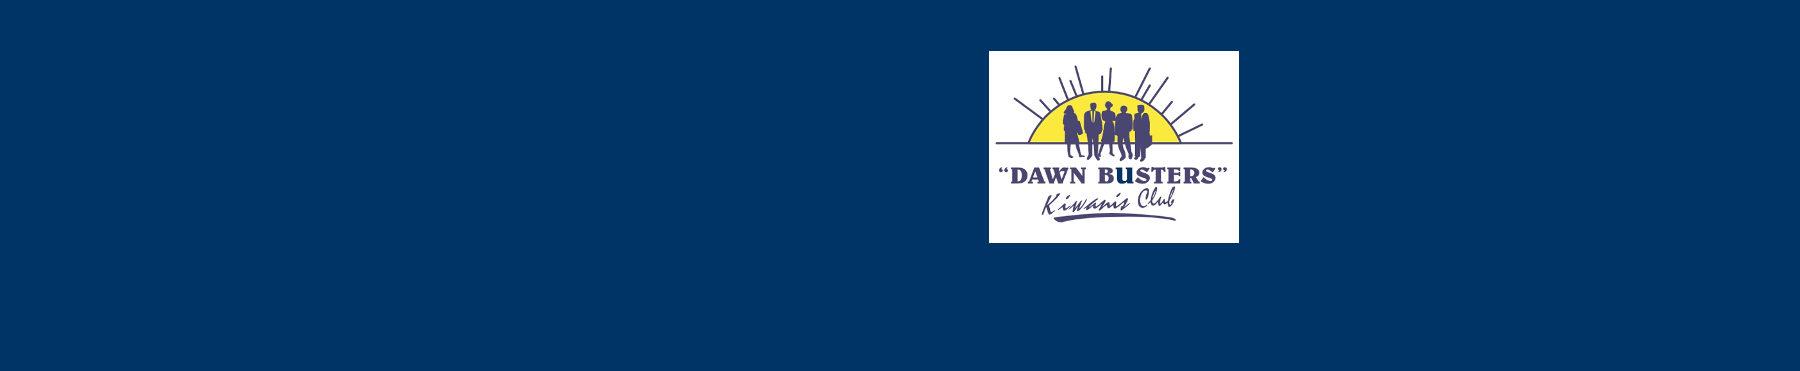 Dawn Busters, Metairie LA